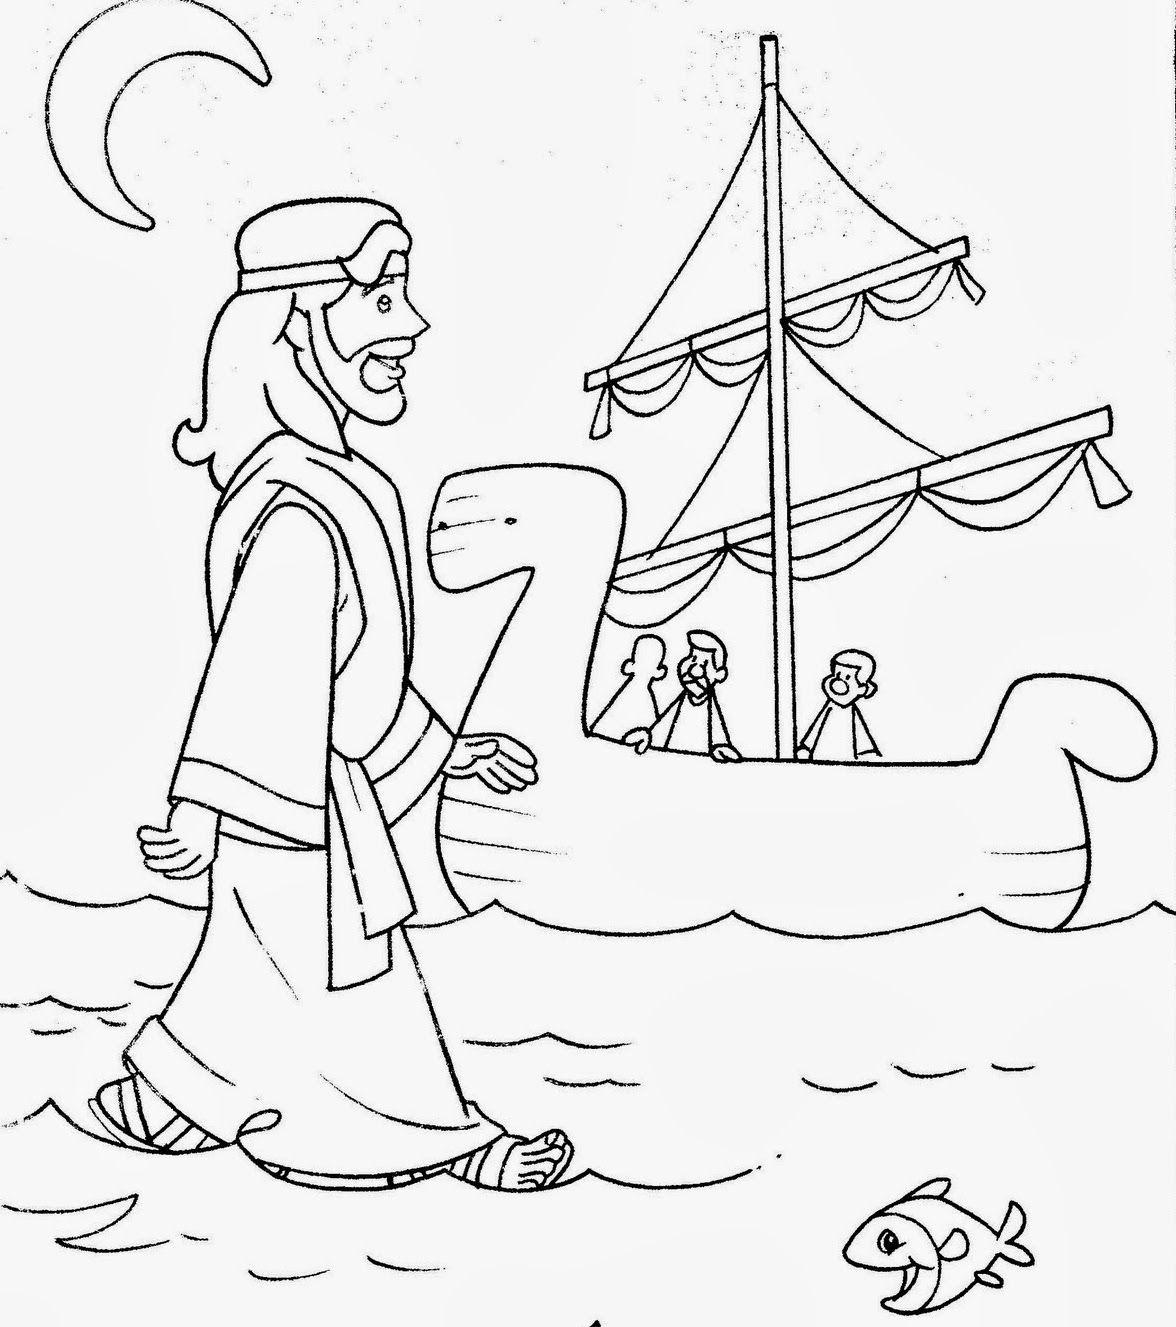 JESÚS+CAMINA+SOBRE+EL+AGUA+4.JPG (1176×1327) | me | Pinterest ...